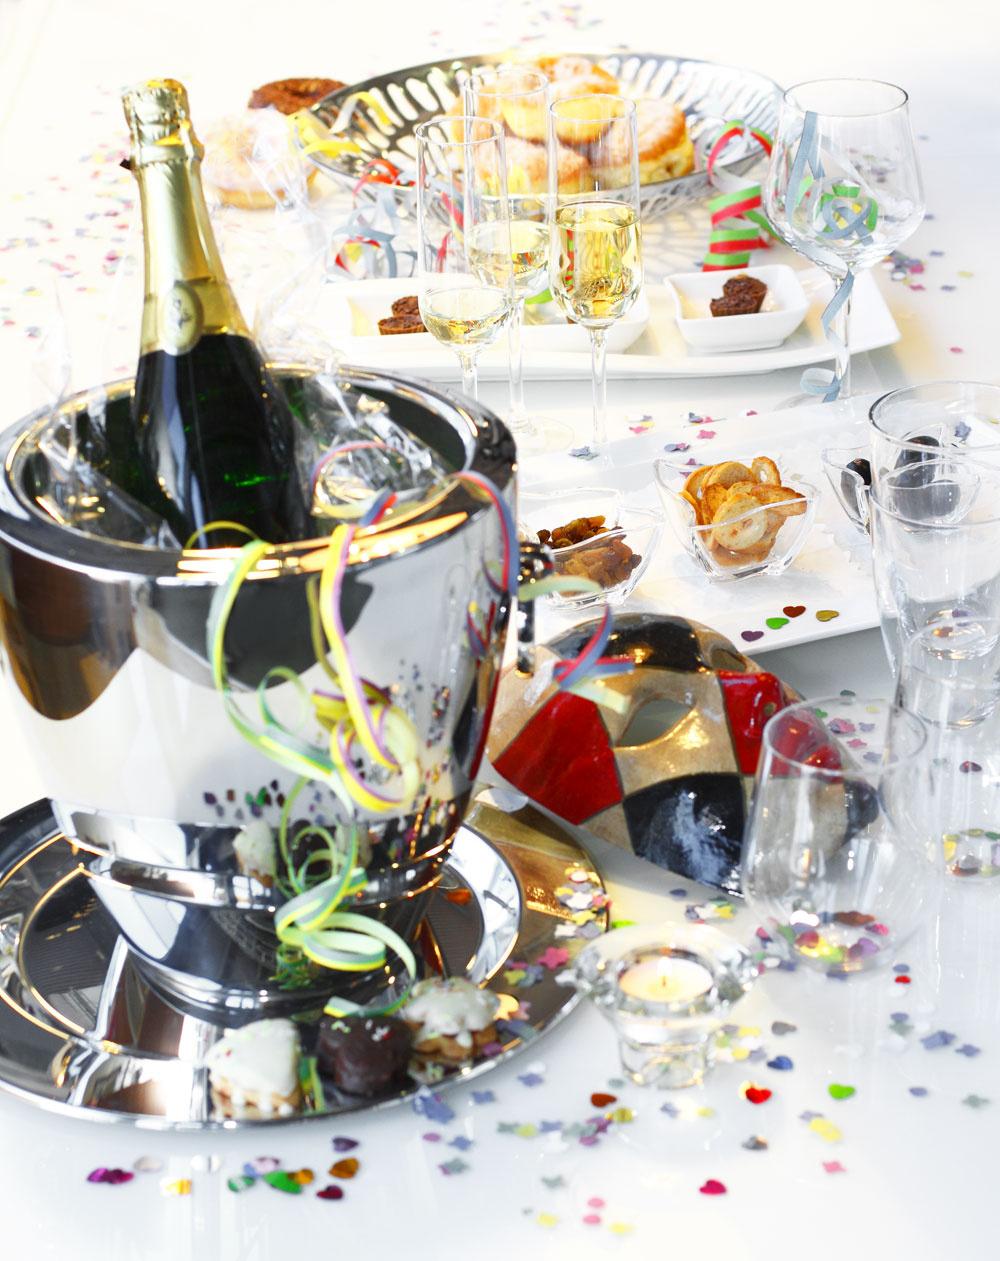 Chladič na šampanské apodnos Jett zantikora od firmy WMF. Cena 99 € a30 €. Predáva Villeroy & Boch, Atrium.